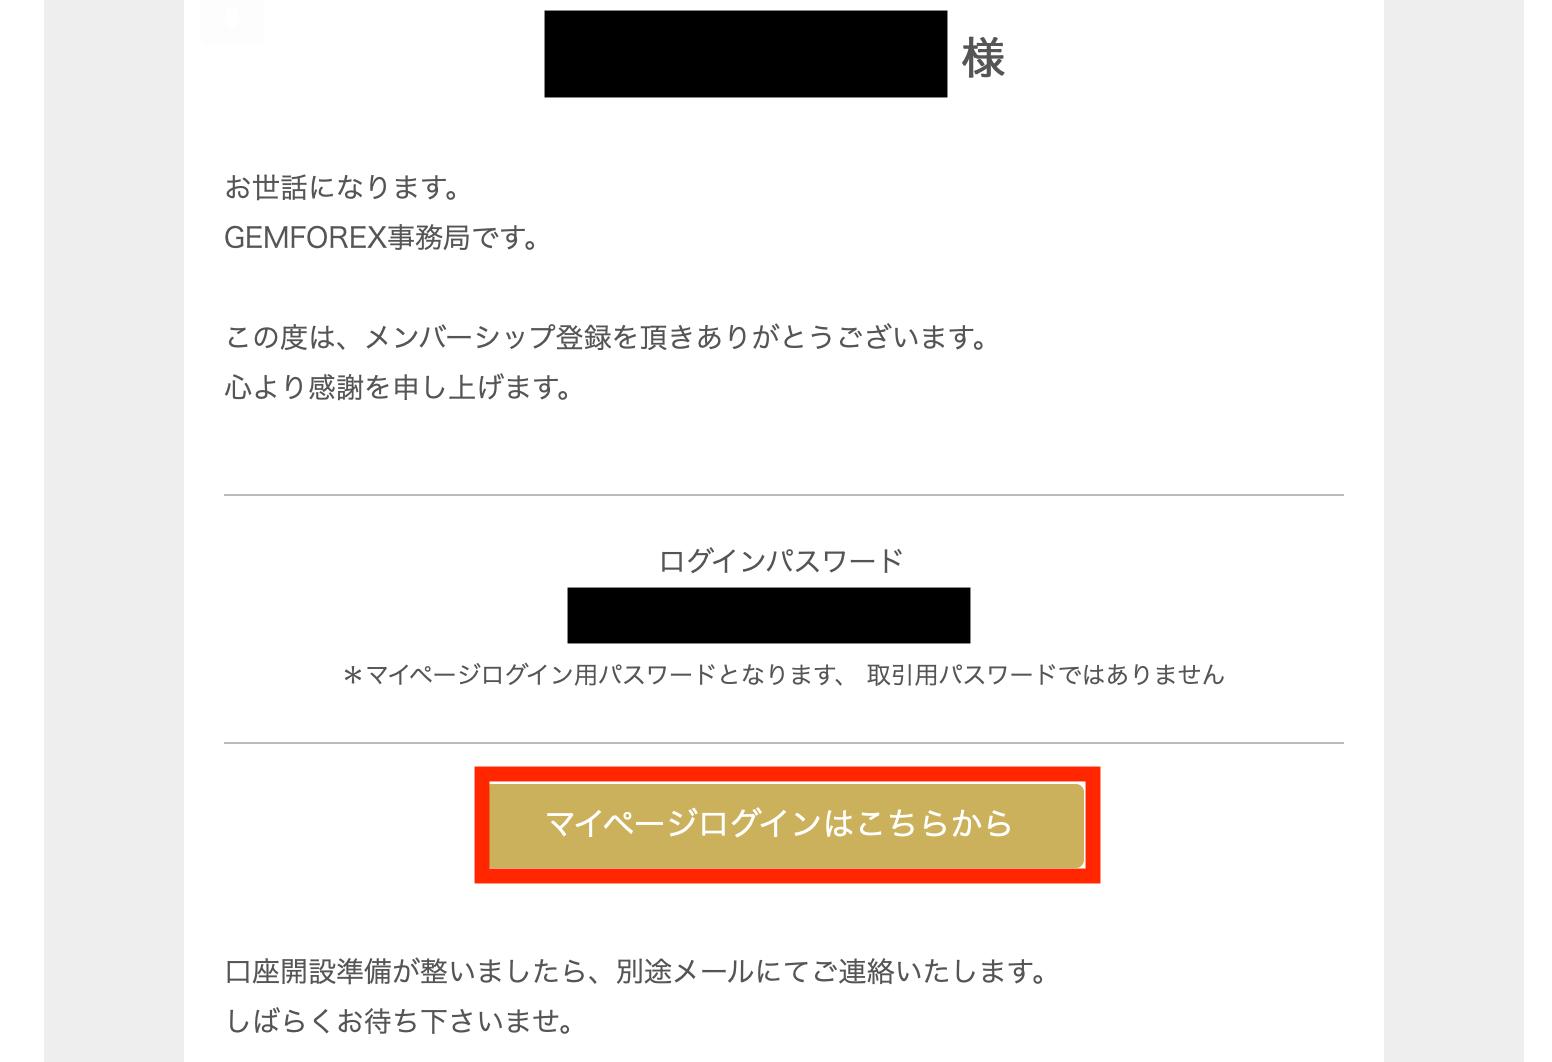 マイページのログインパスワード